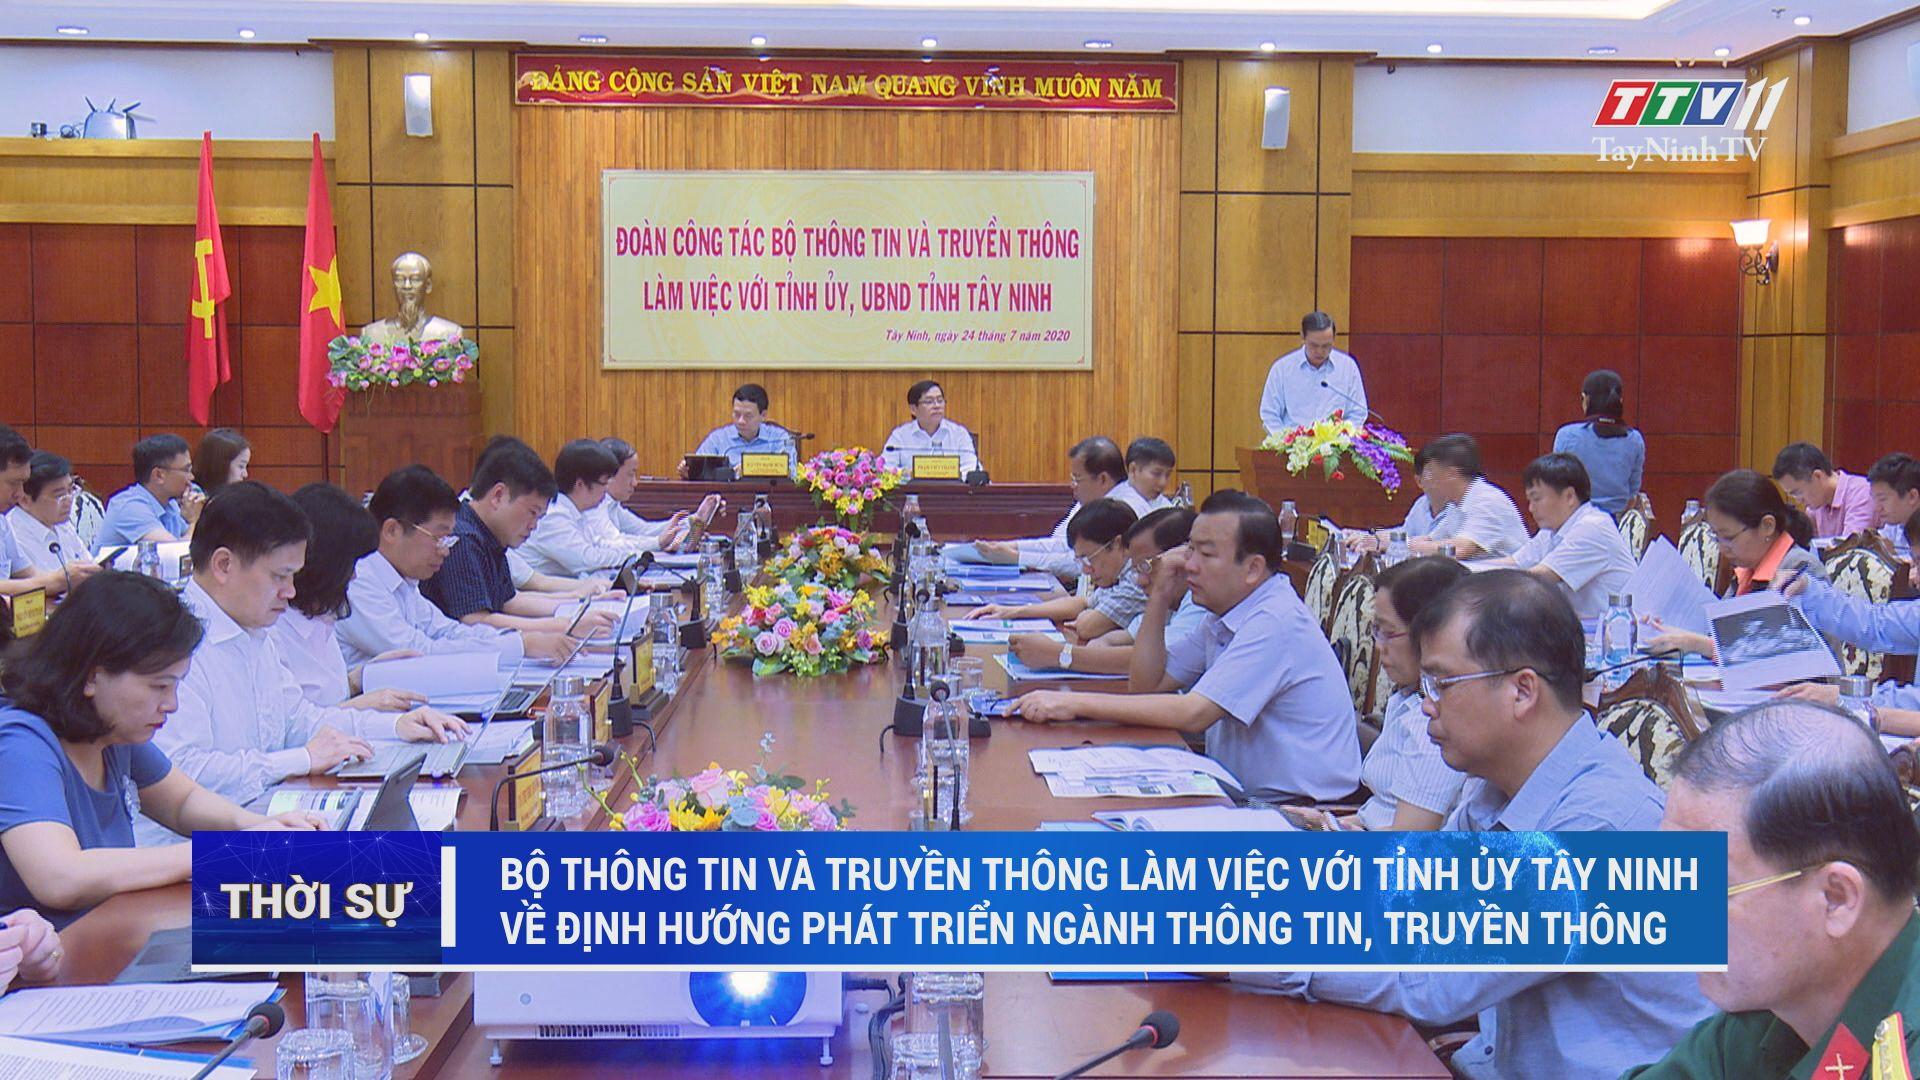 Bộ Thông tin và Truyền thông làm việc với Tỉnh ủy Tây Ninh về định hướng phát triển ngành thông tin, truyền thông | TayNinhTV